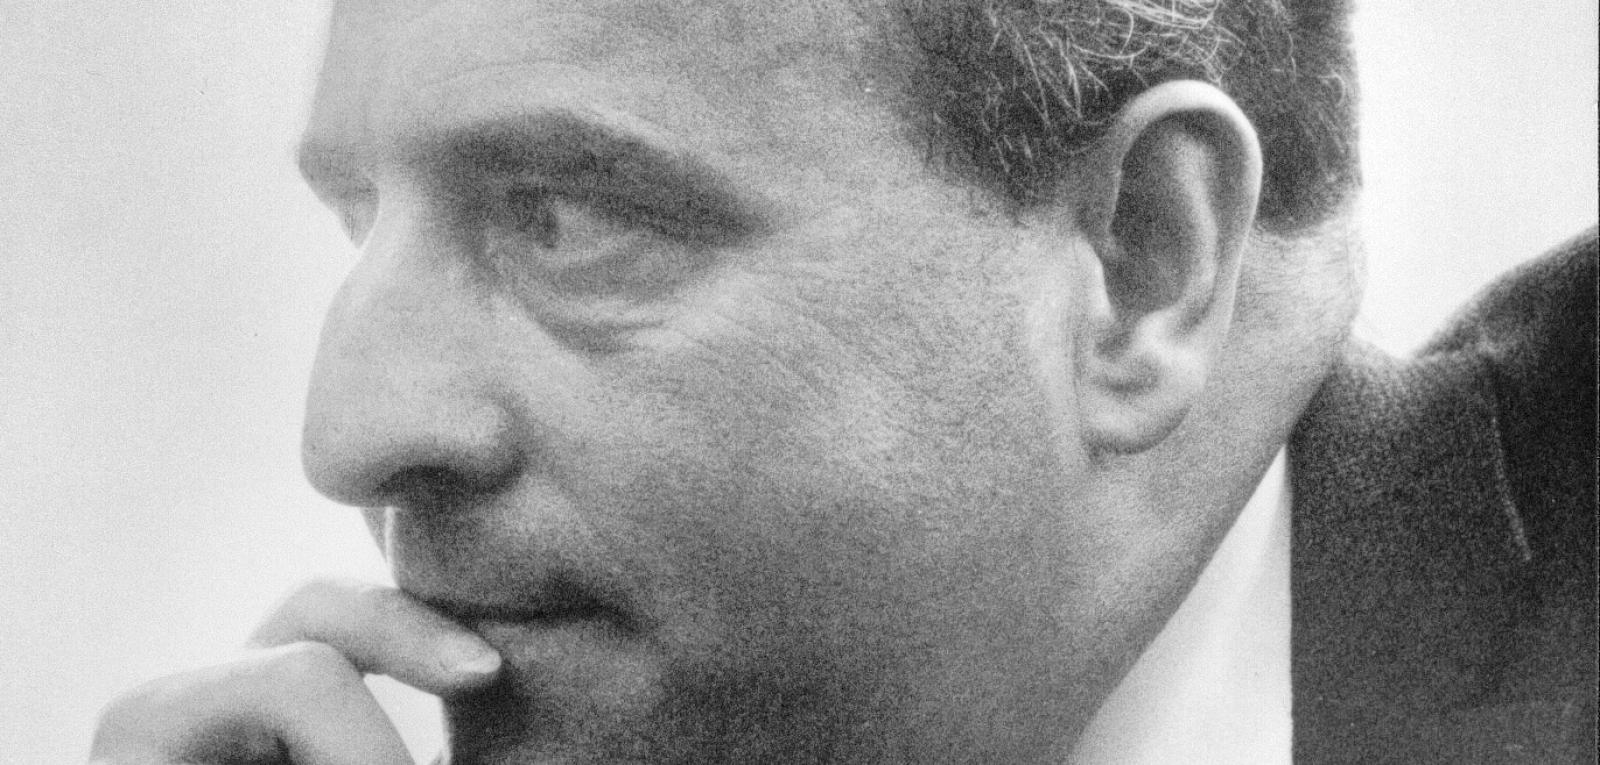 Der Philosoph Hans Blumenberg (1920-1996). Quelle: Suhrkamp Verlag